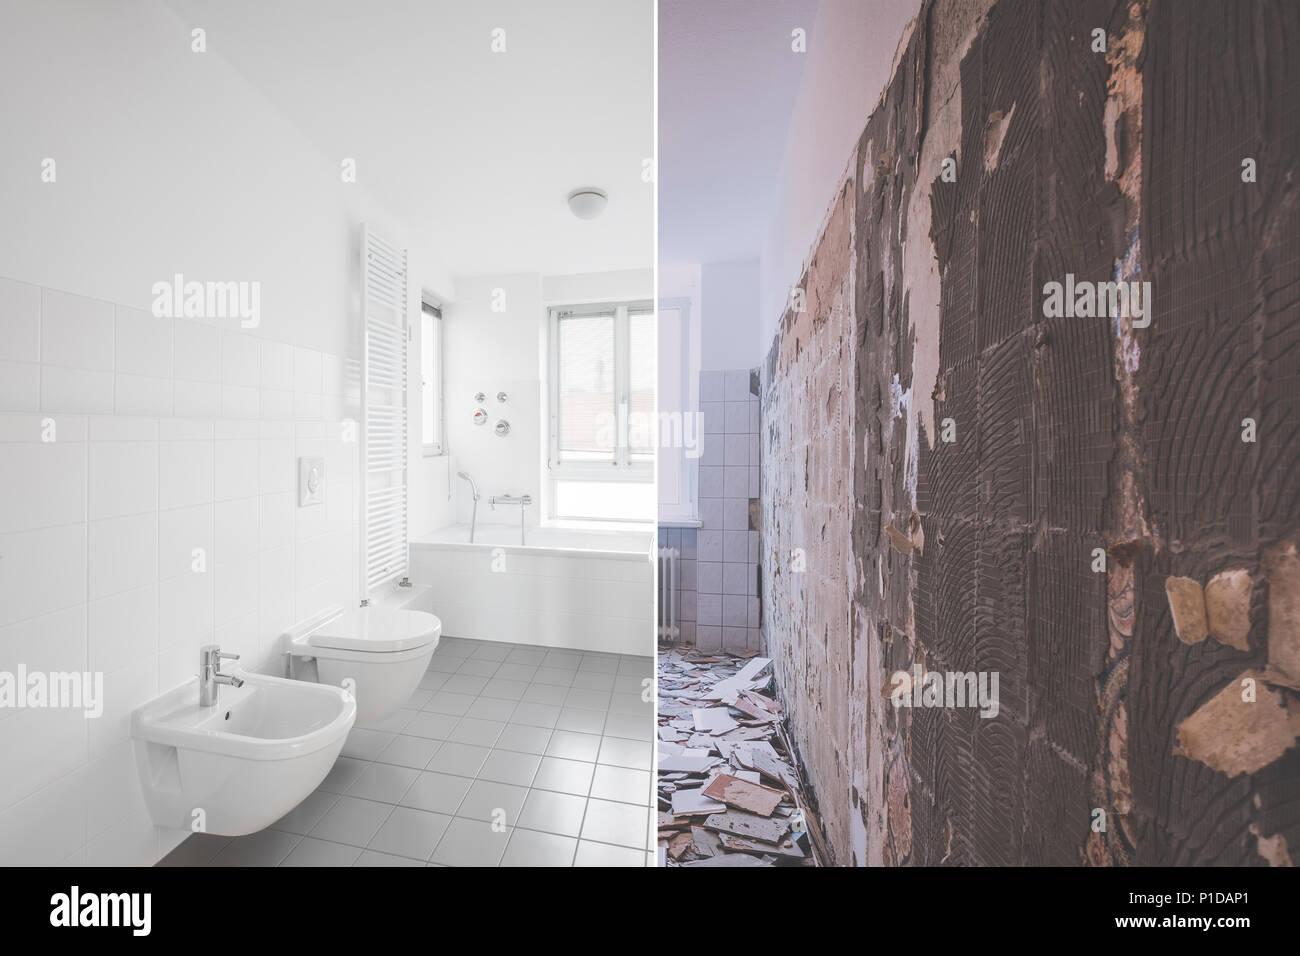 Rénovation Salle De Bain Avant Après rénovation des salles de bains carrelée - avant et après la